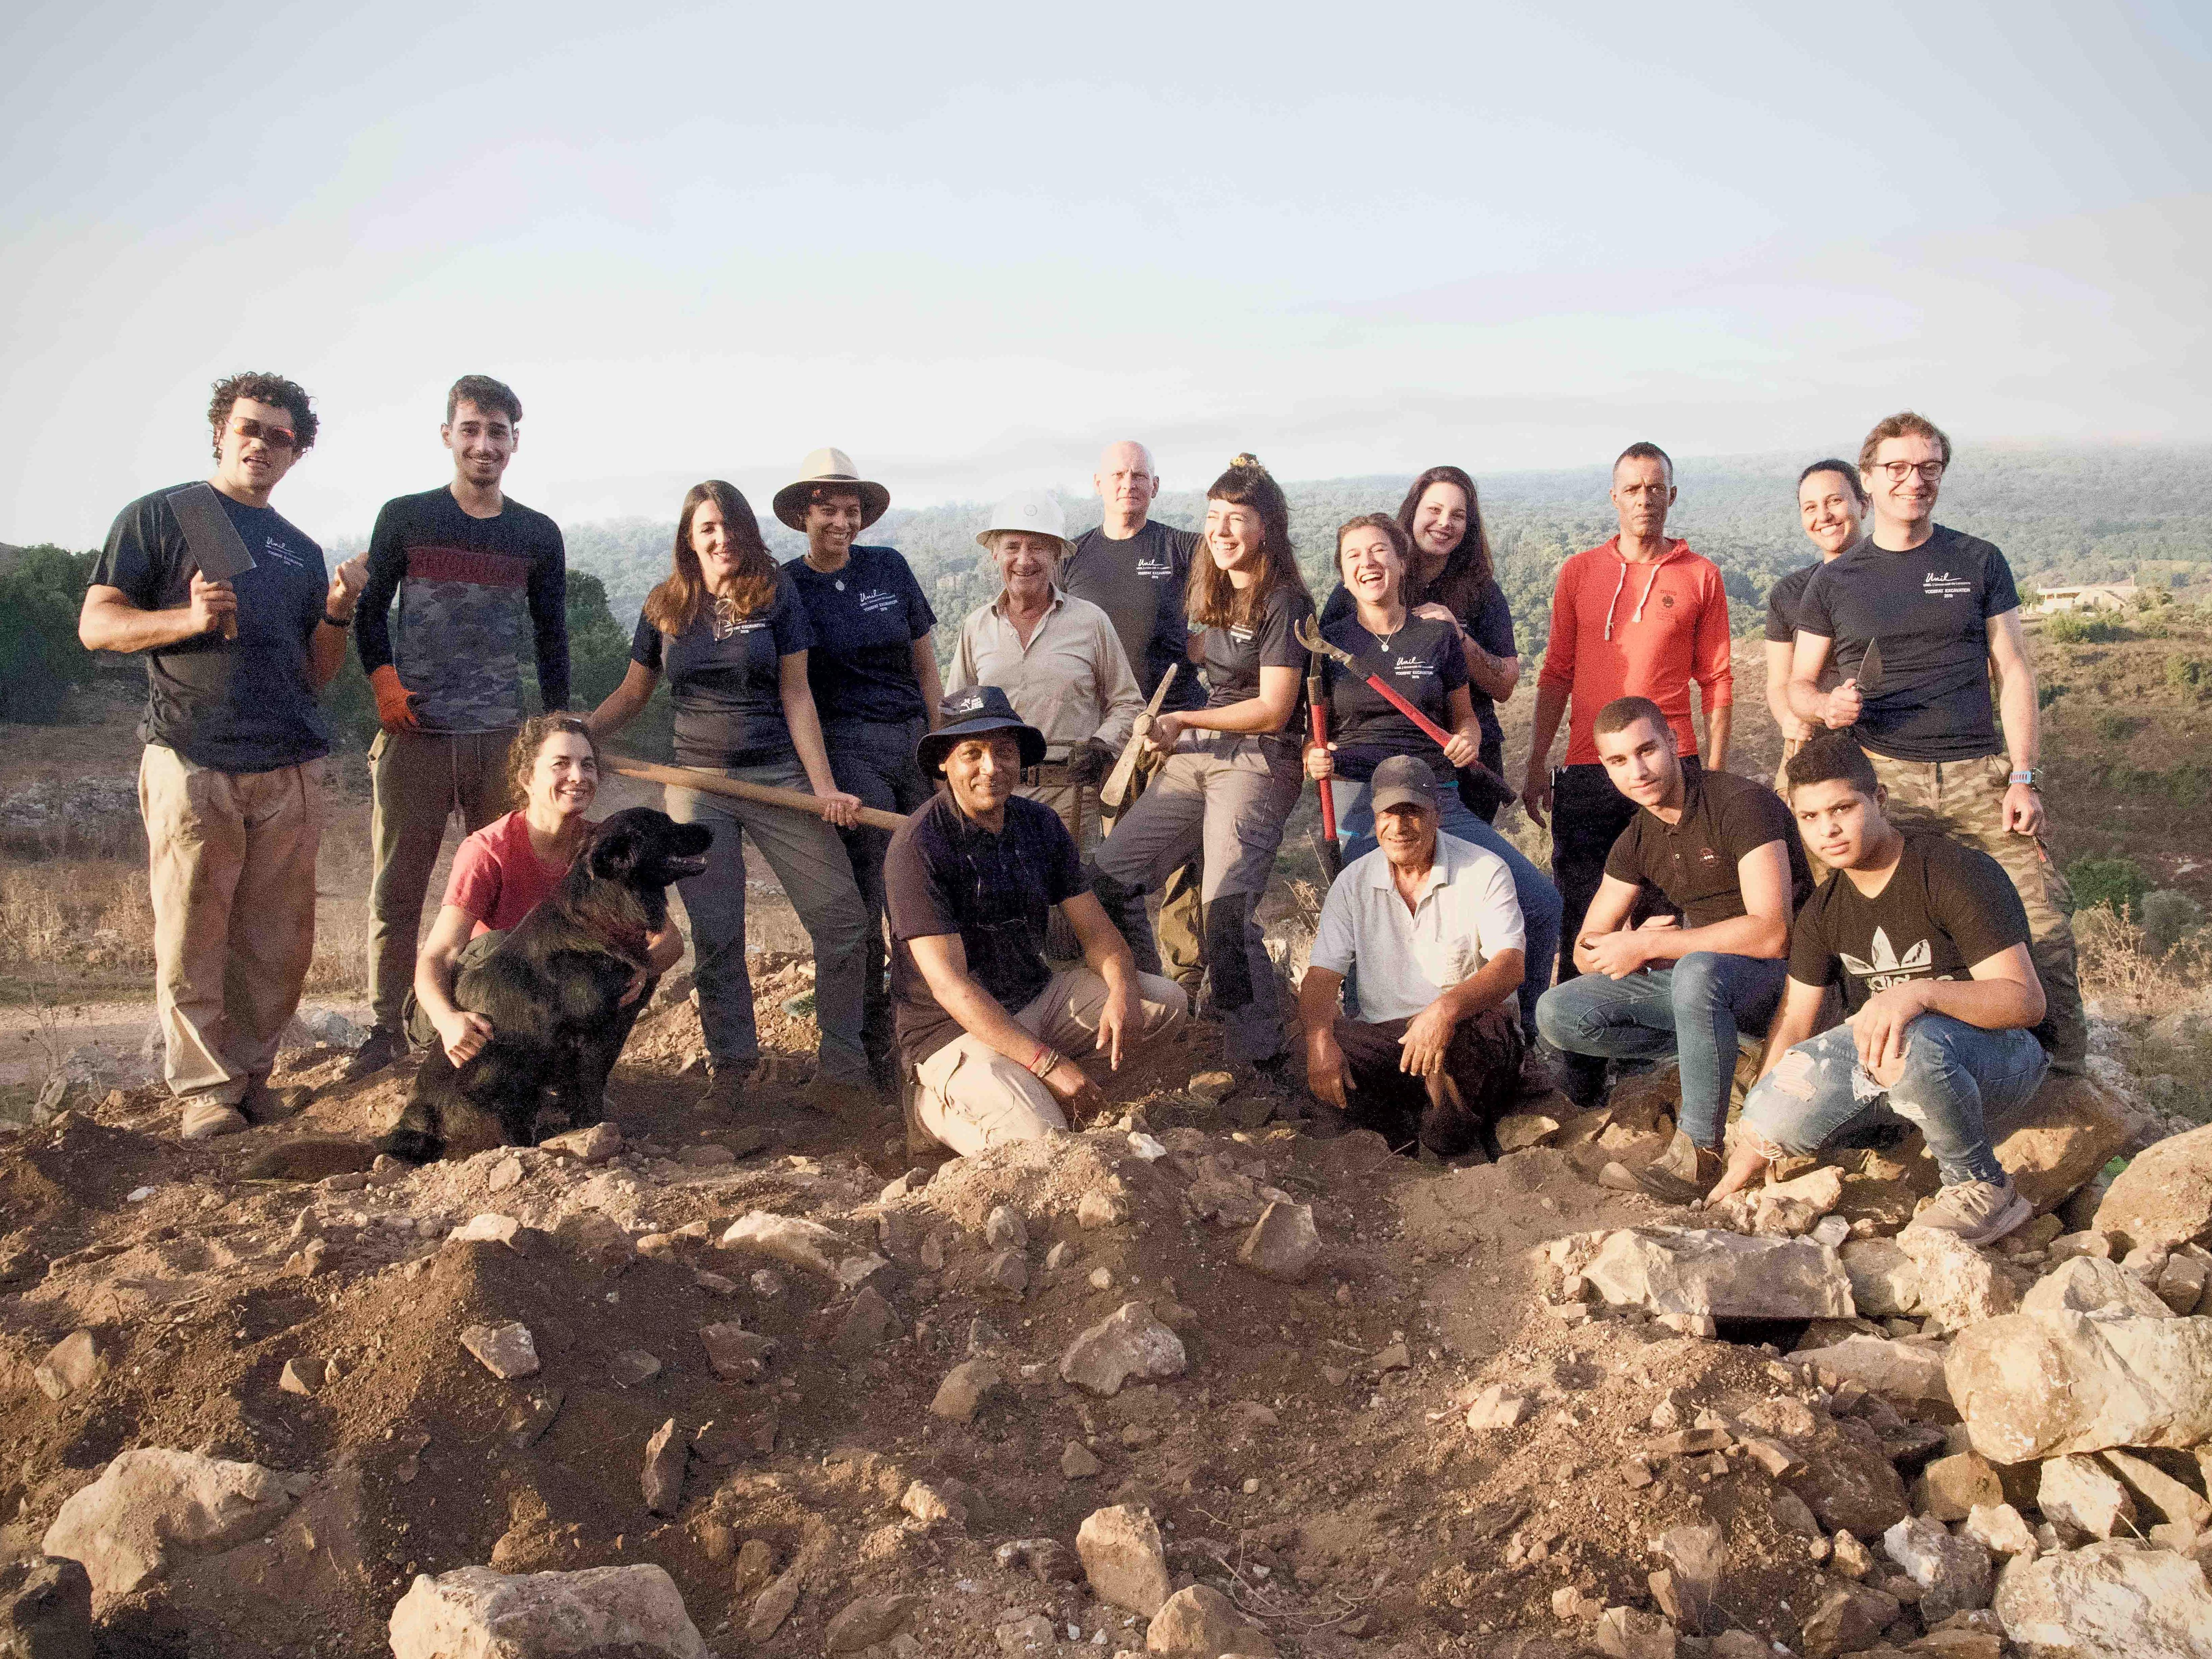 Terrain de fouilles archéologiques à Yodefat